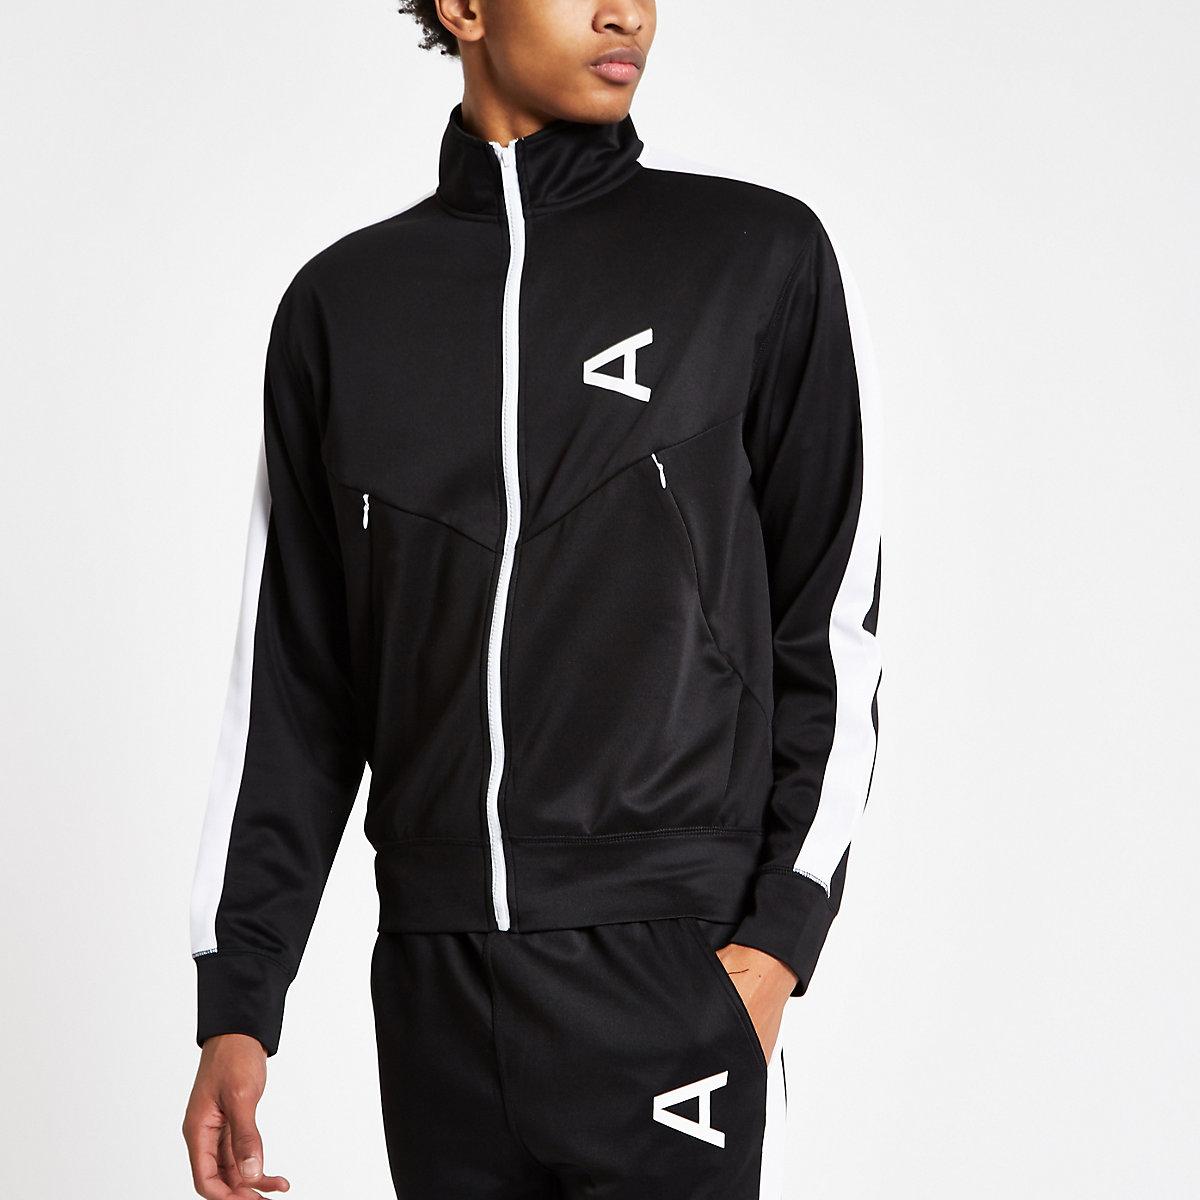 Arcminute black funnel neck track jacket